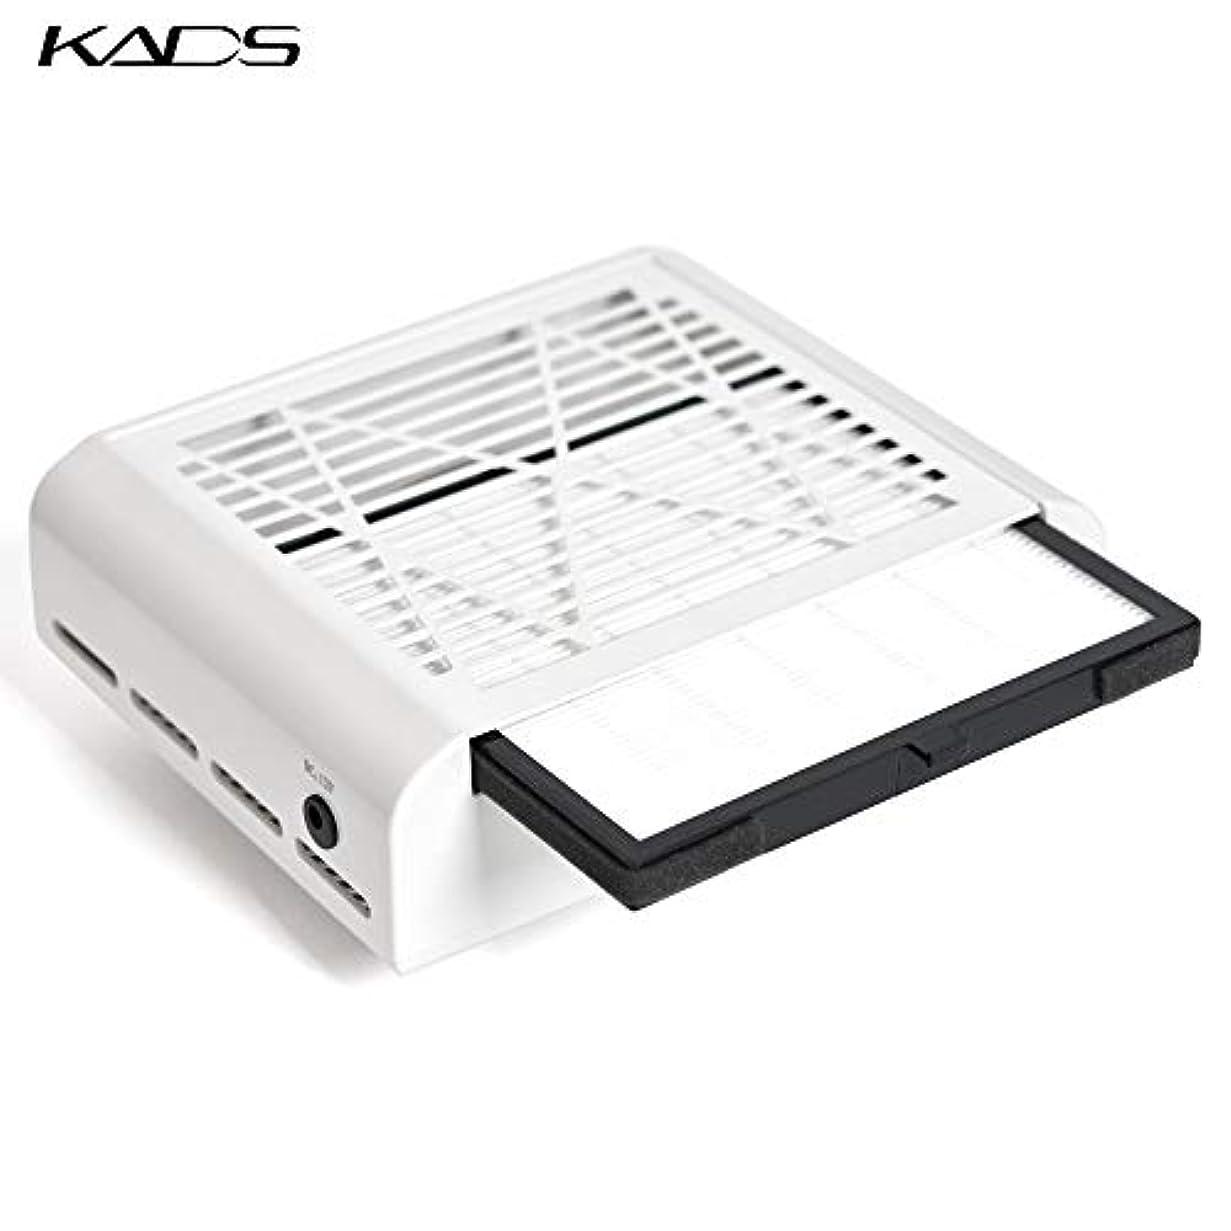 小説令状実験室KADS ネイルダスト集塵機 ネイルダストコレクター サロンサクションダストコレクター ネイルダストクリーナー ジェルネイル機器 ネイルケア用